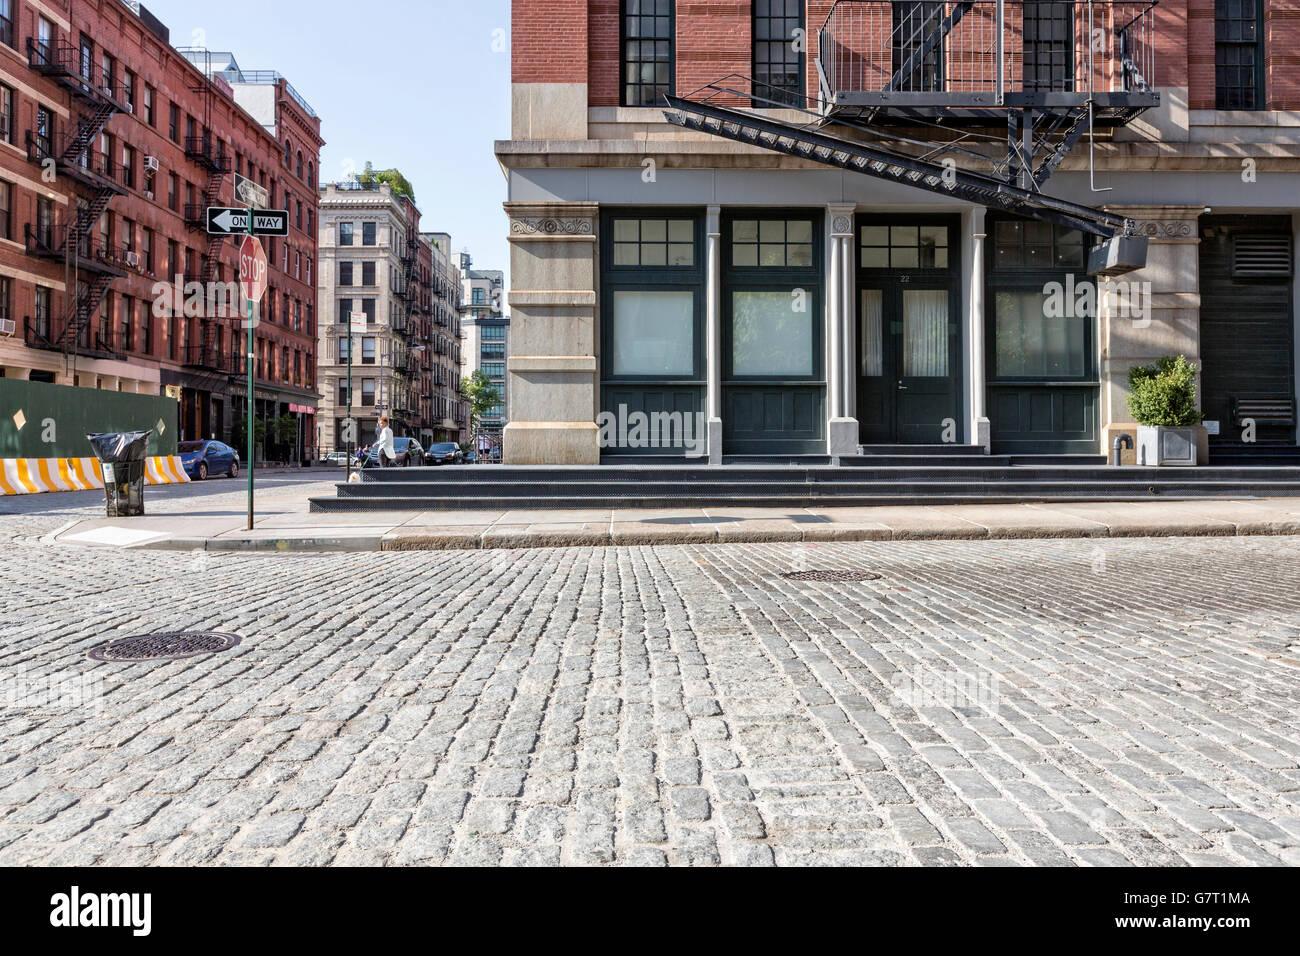 Tribeca, Manhattan, New York City.  Schnittpunkt von Watt und Greenwich Straßen an einem hellen, sonnigen Tag. Stockbild